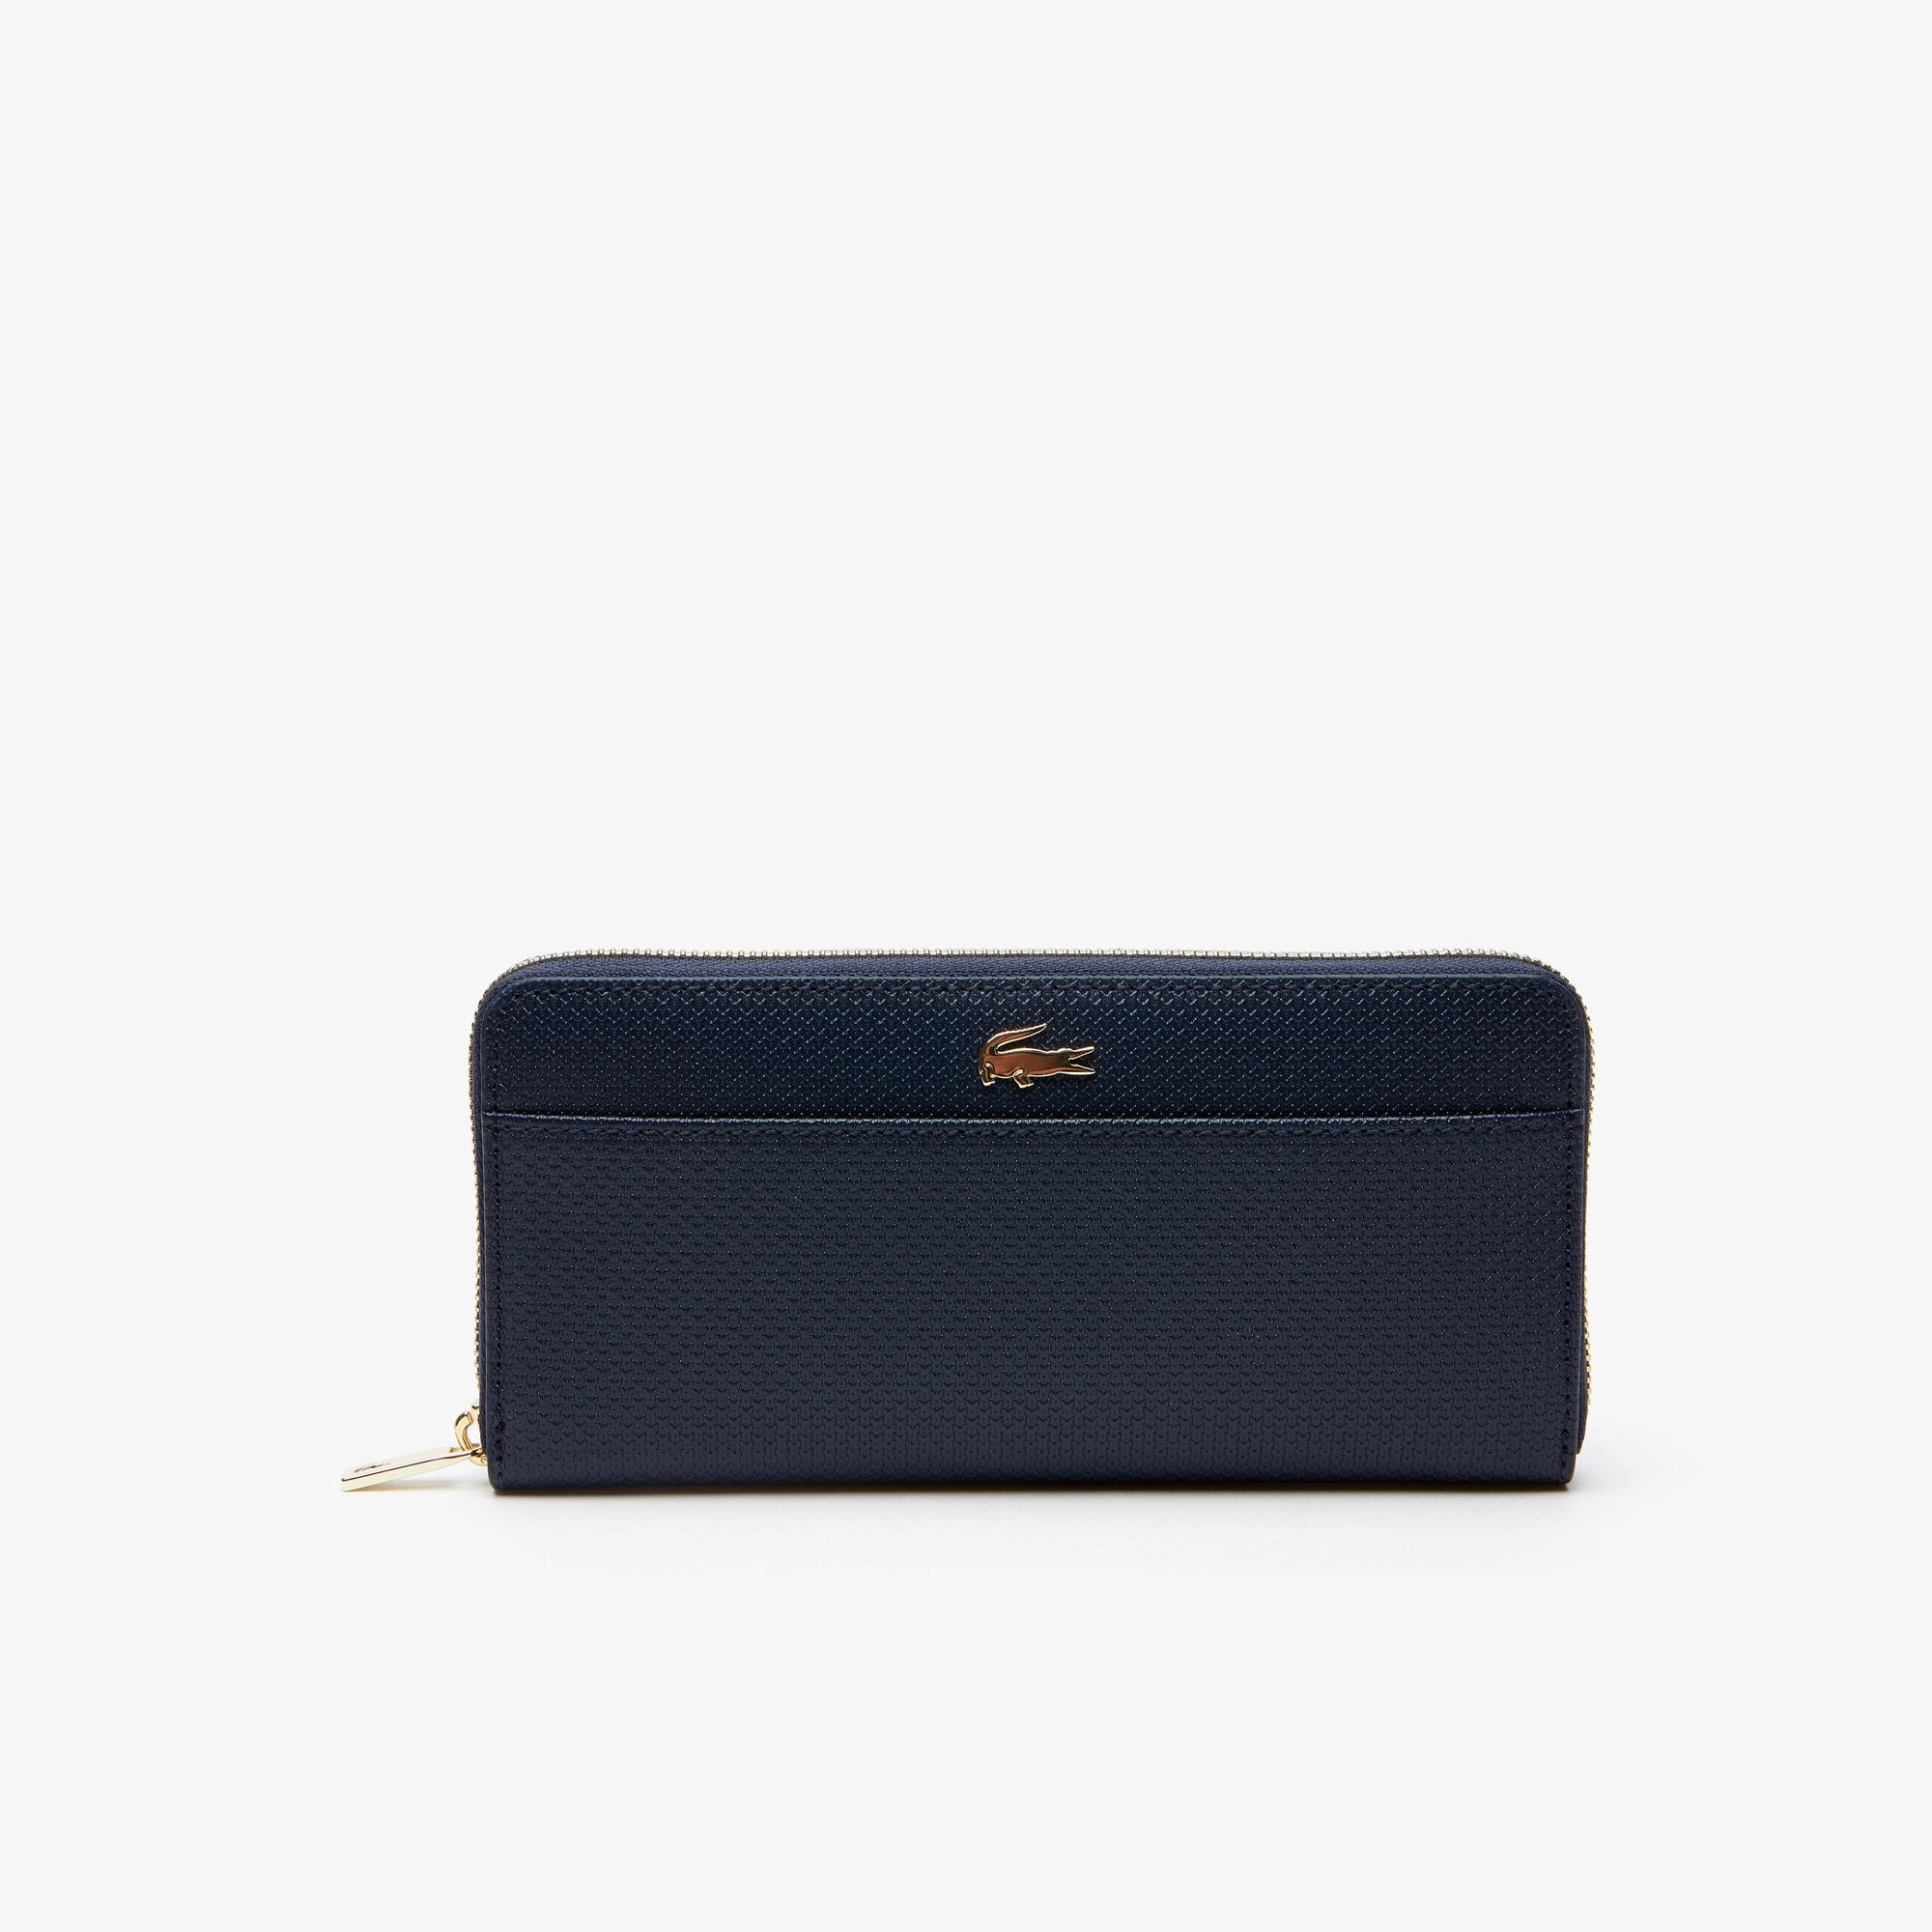 Maroquinerie femme, sacs à main, portefeuilles